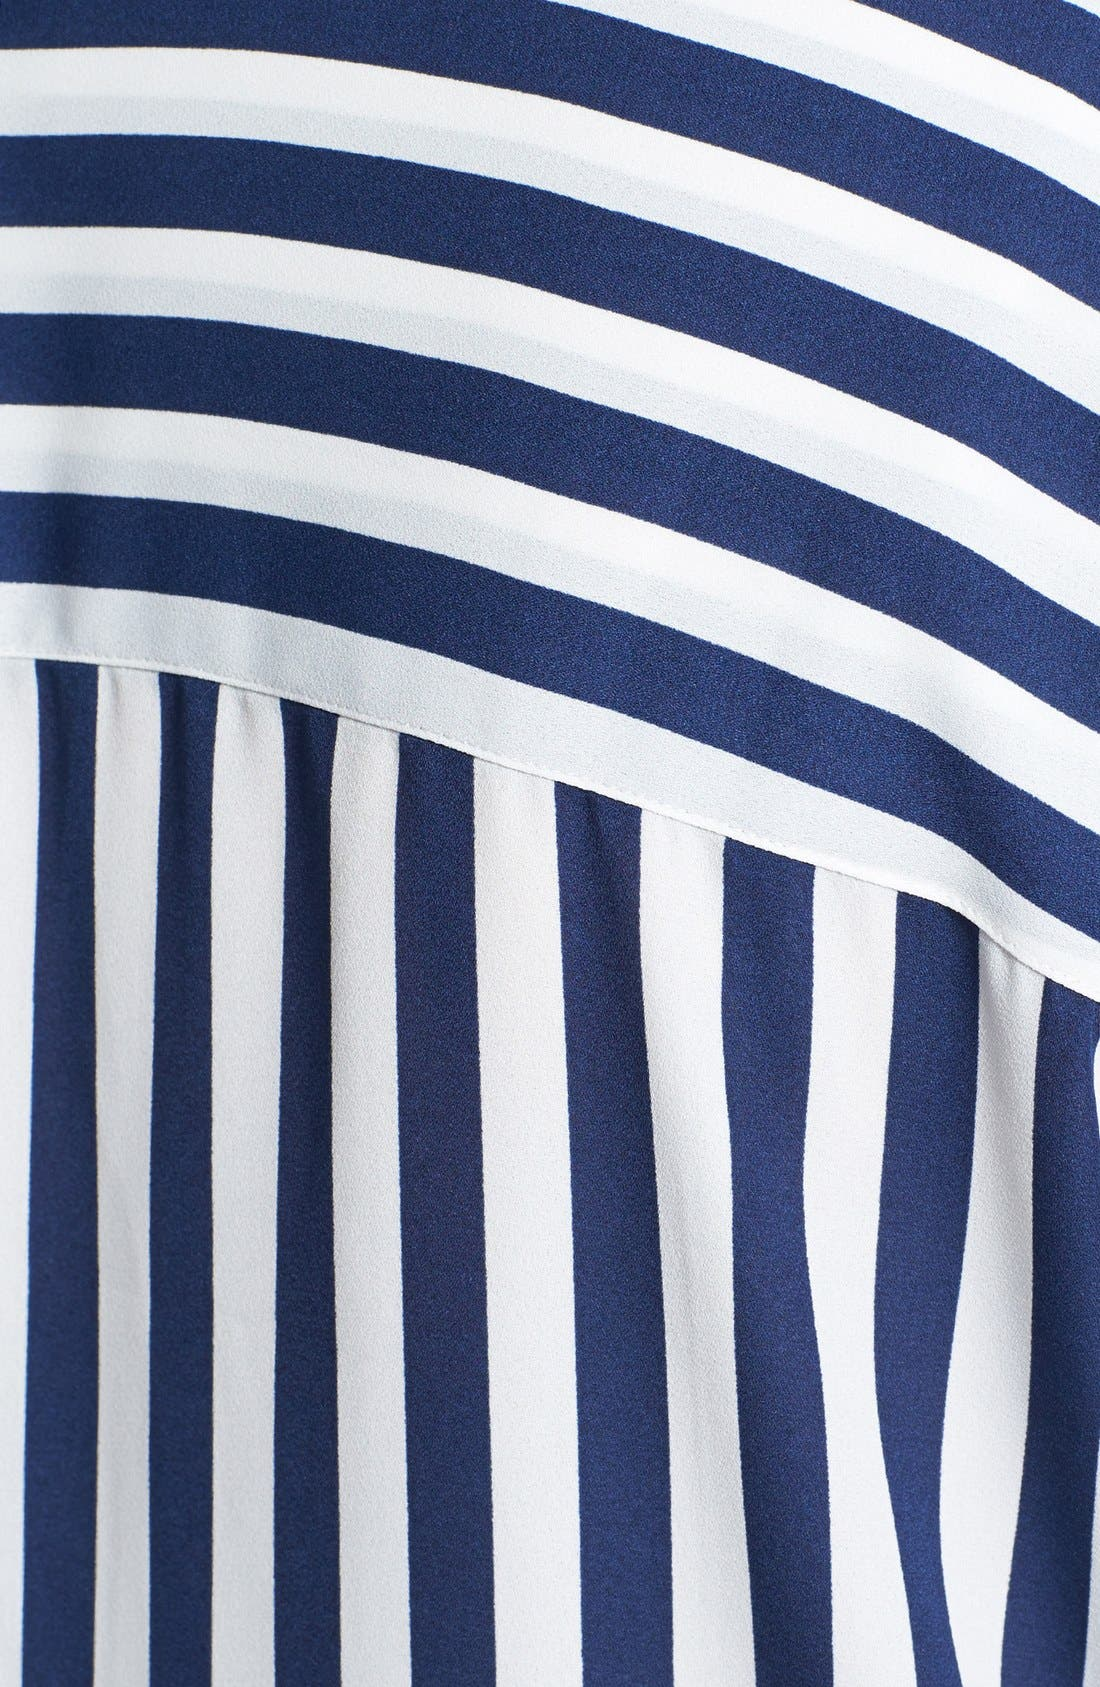 Alternate Image 3  - Sejour Striped Faux Wrap Blouse (Plus Size)